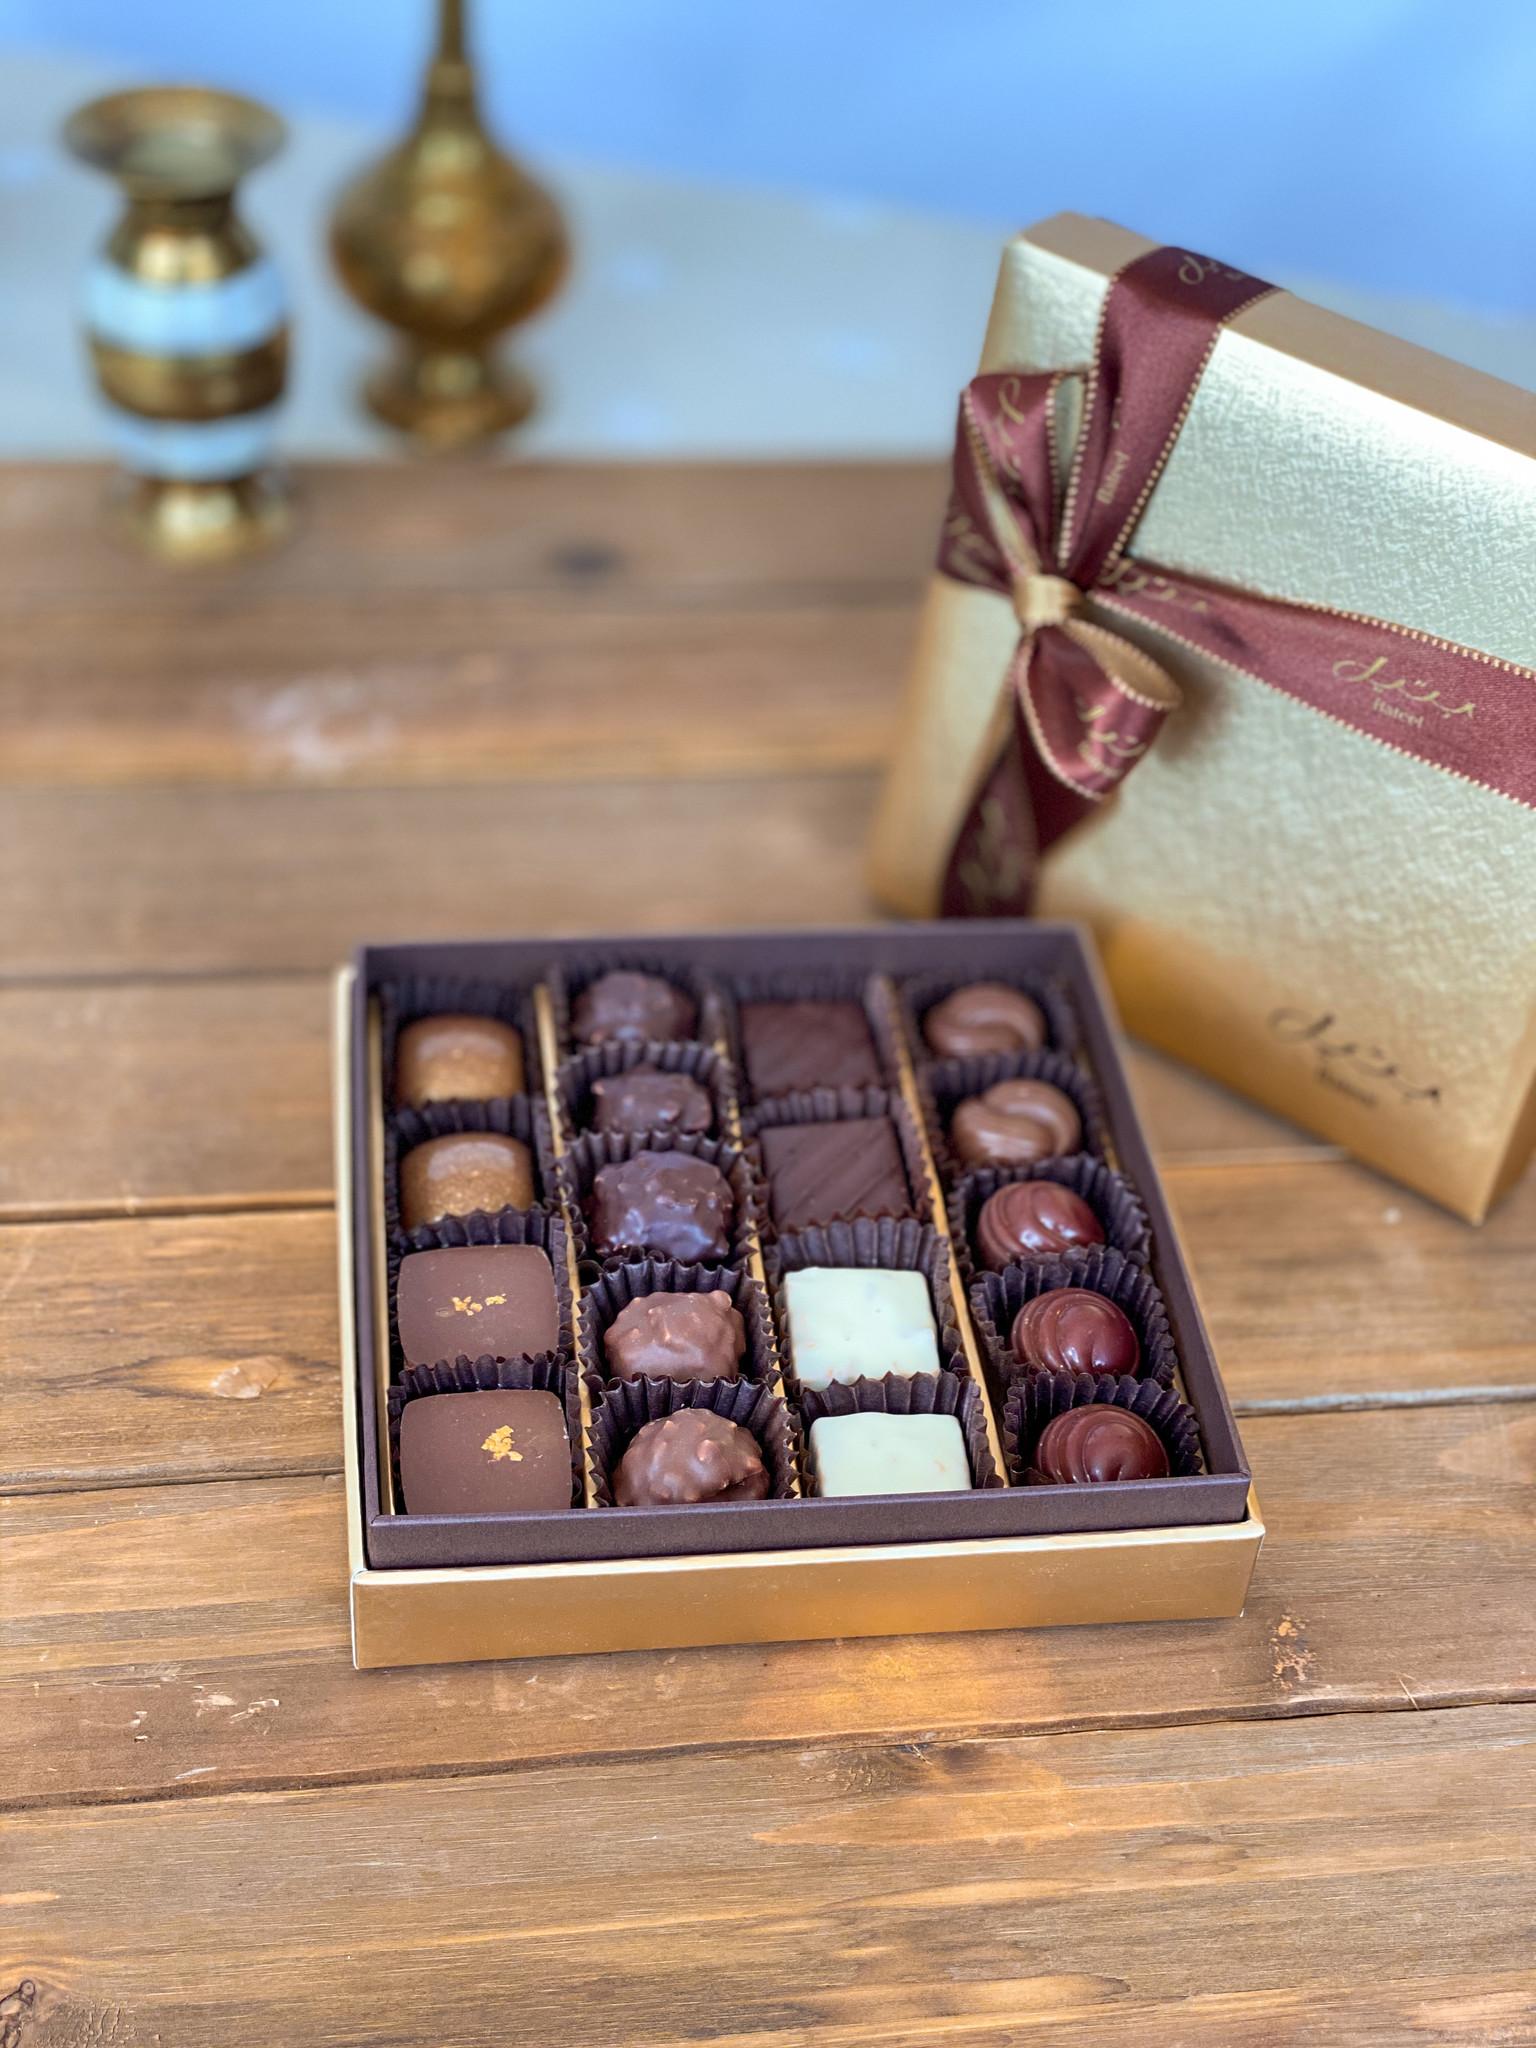 Cassandra Square S Origin Chocolates